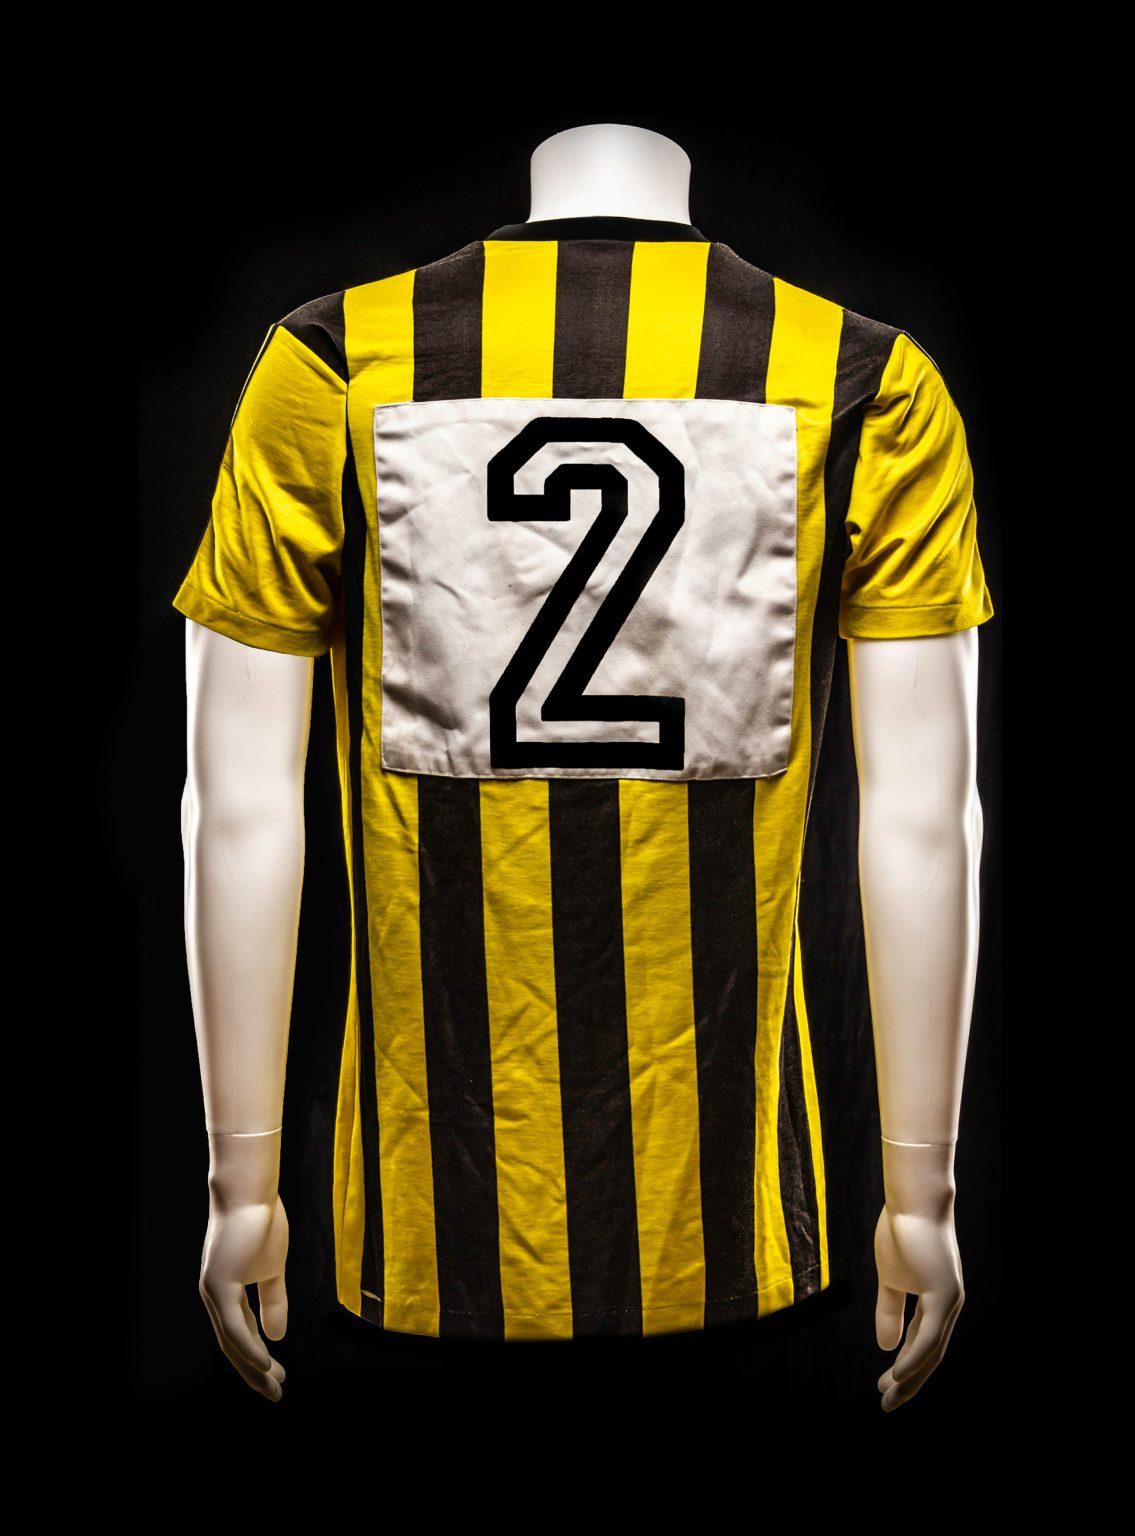 #2 John van den Brom Vitesse 1985-1986